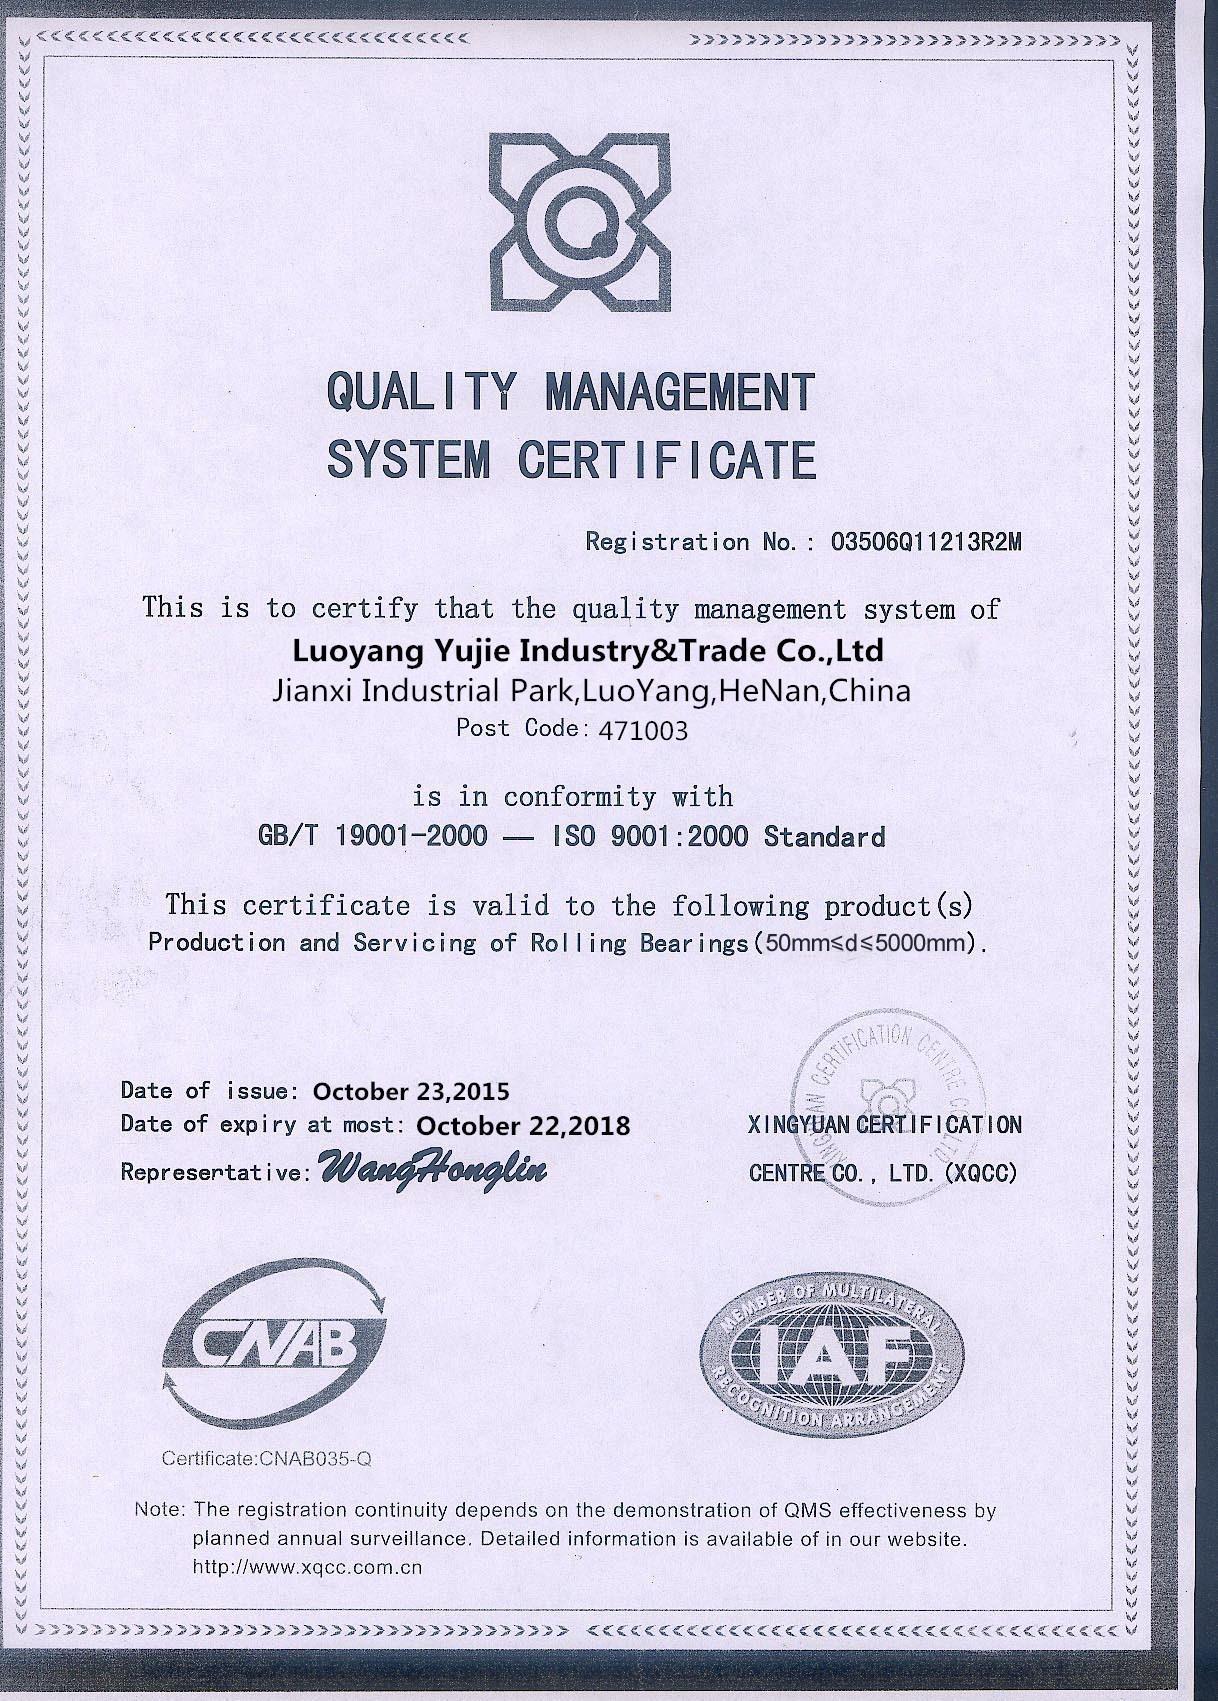 ISO 9001 Quality Certificate from Luoyang Yujie.jpg